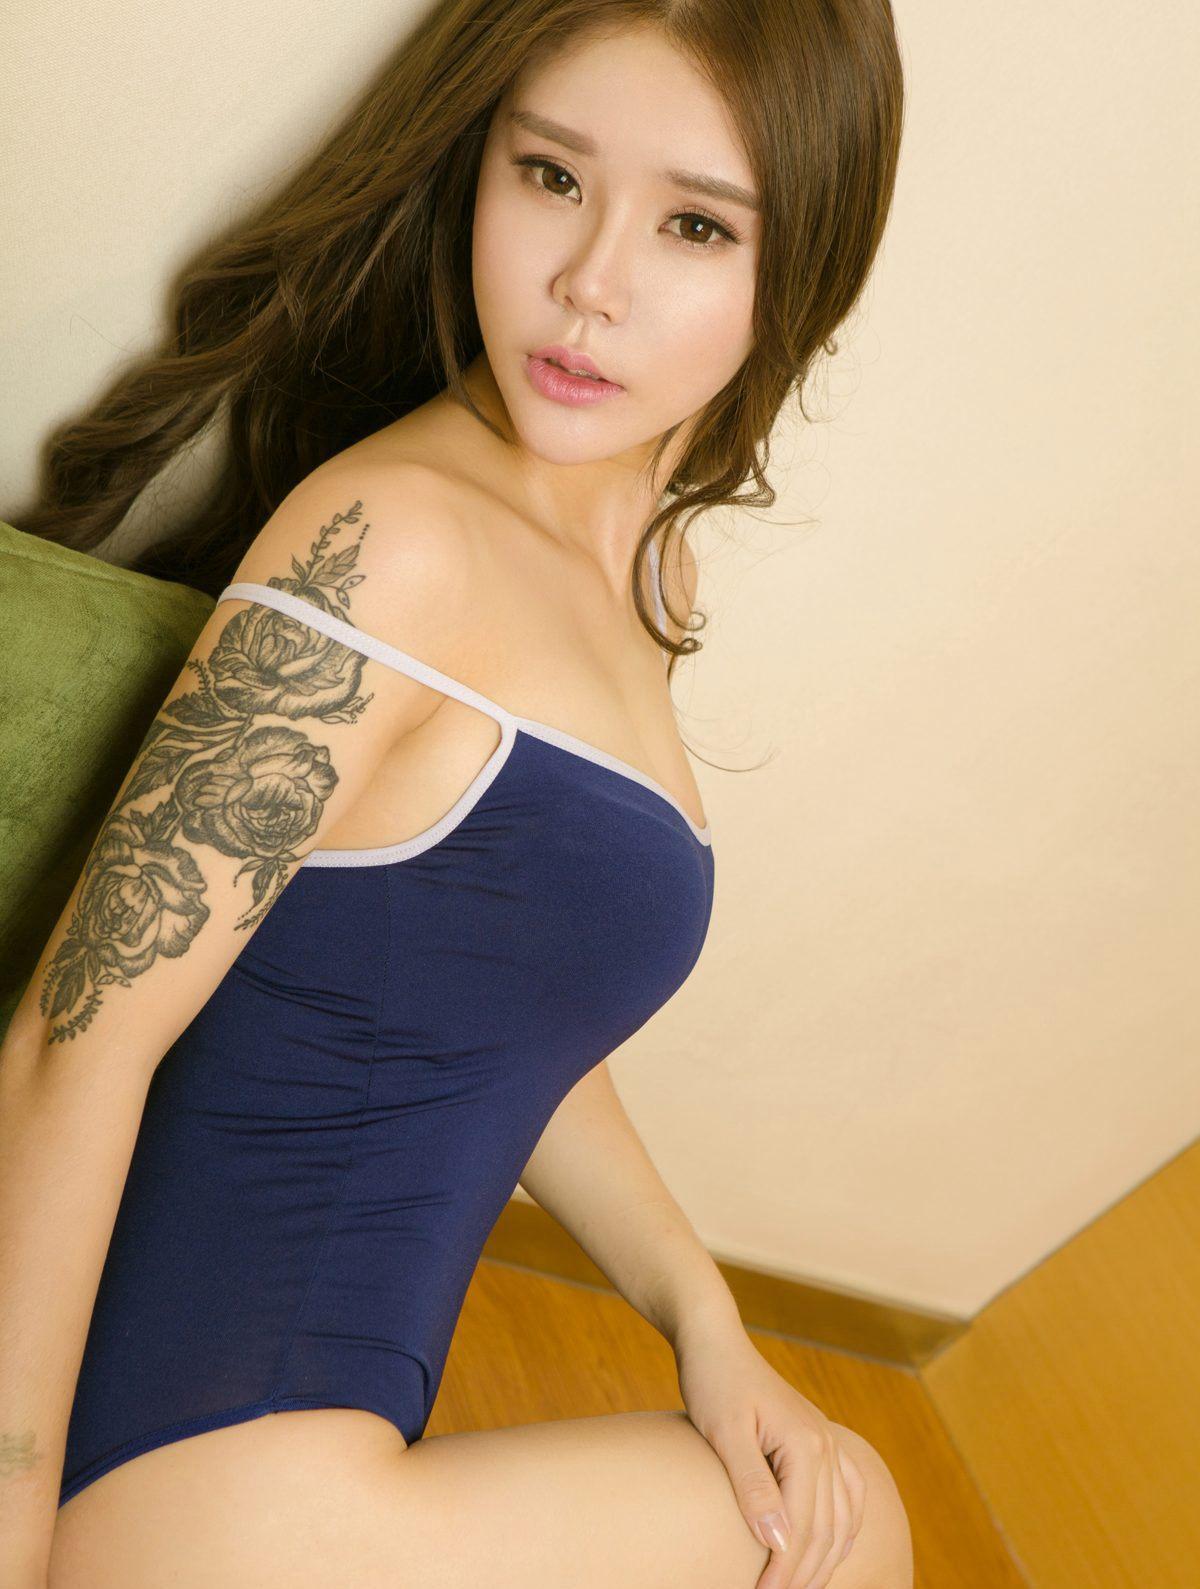 性感美女妈妈网新闻_纹身美女性感翘臀迷人写真_图片新闻_东方头条